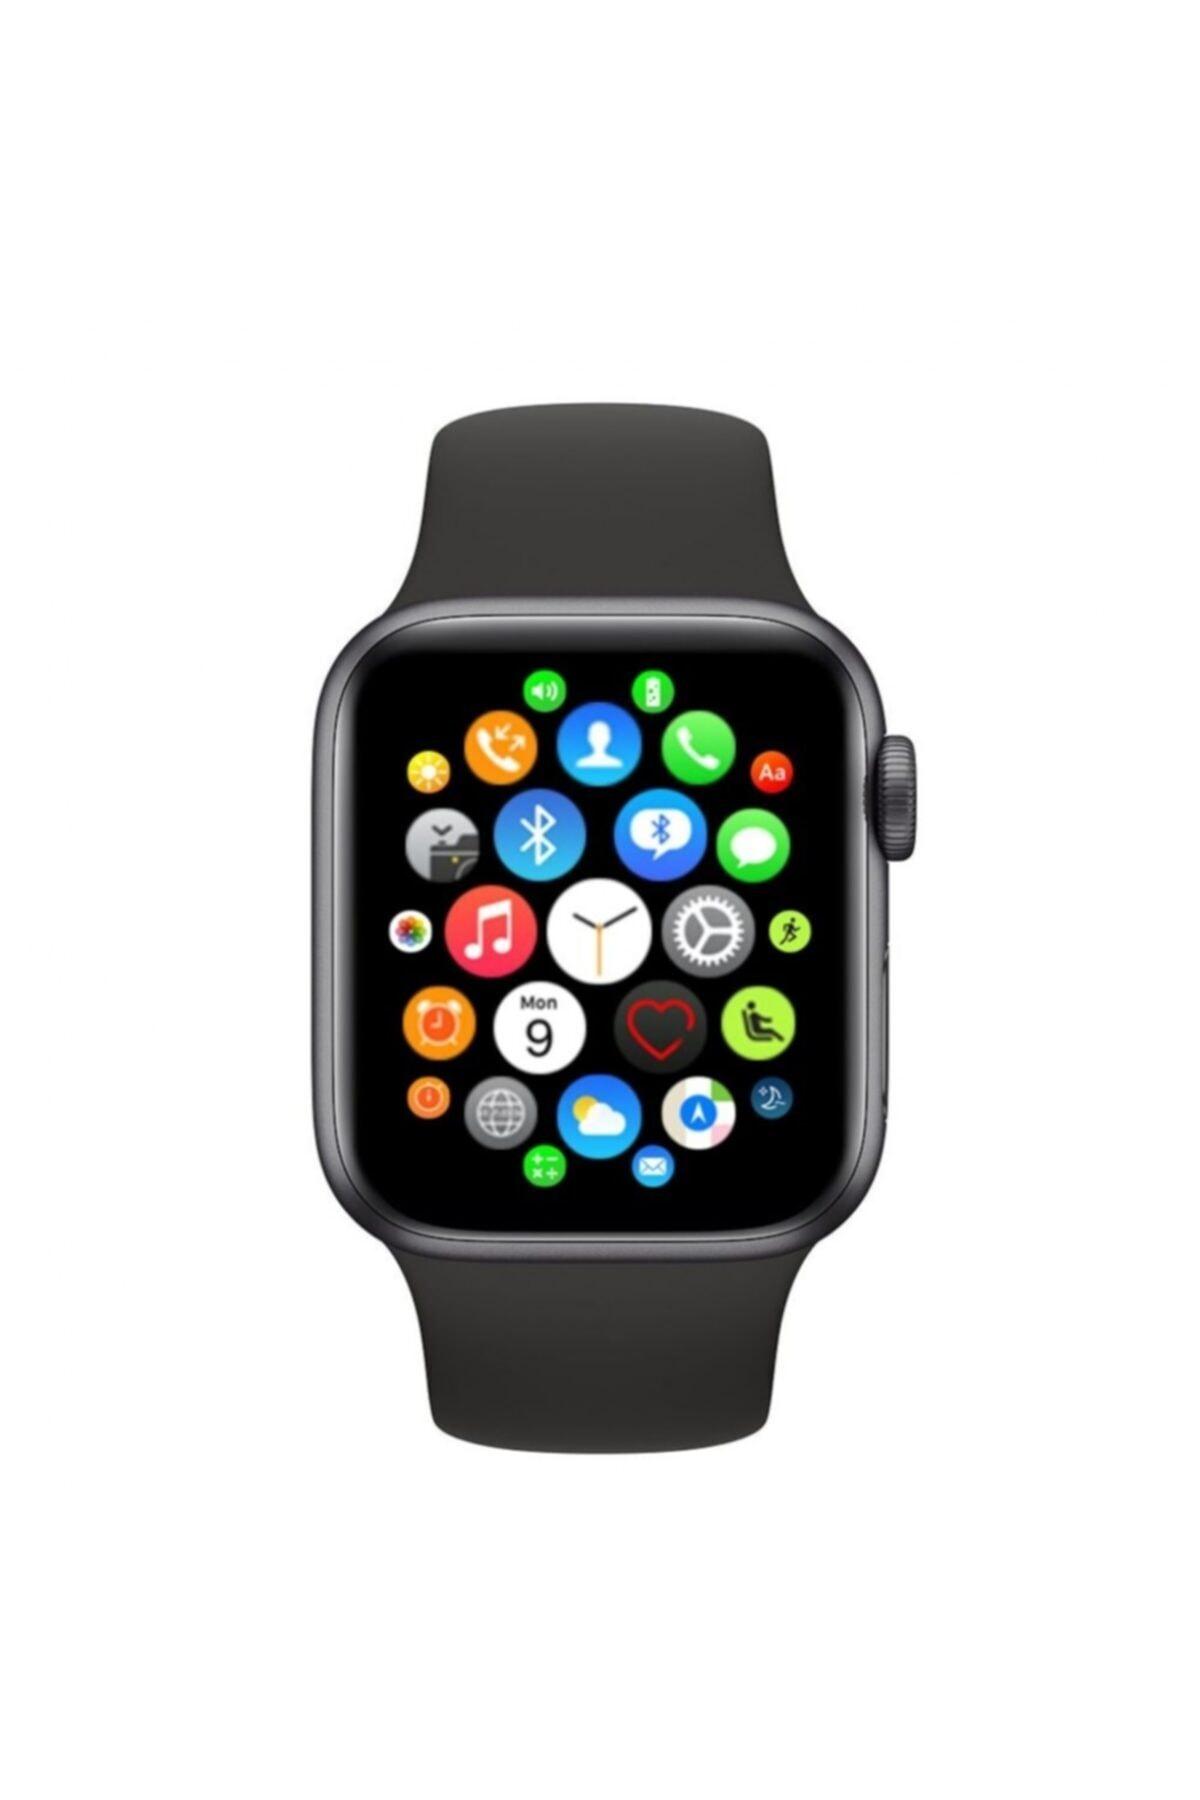 OWWOTECH T500 Akıllı Saat Smart Watch Türkçe Menülü Arama Cevaplama Modu  Yeni Sürüm 2020 Sporcu Saati 1